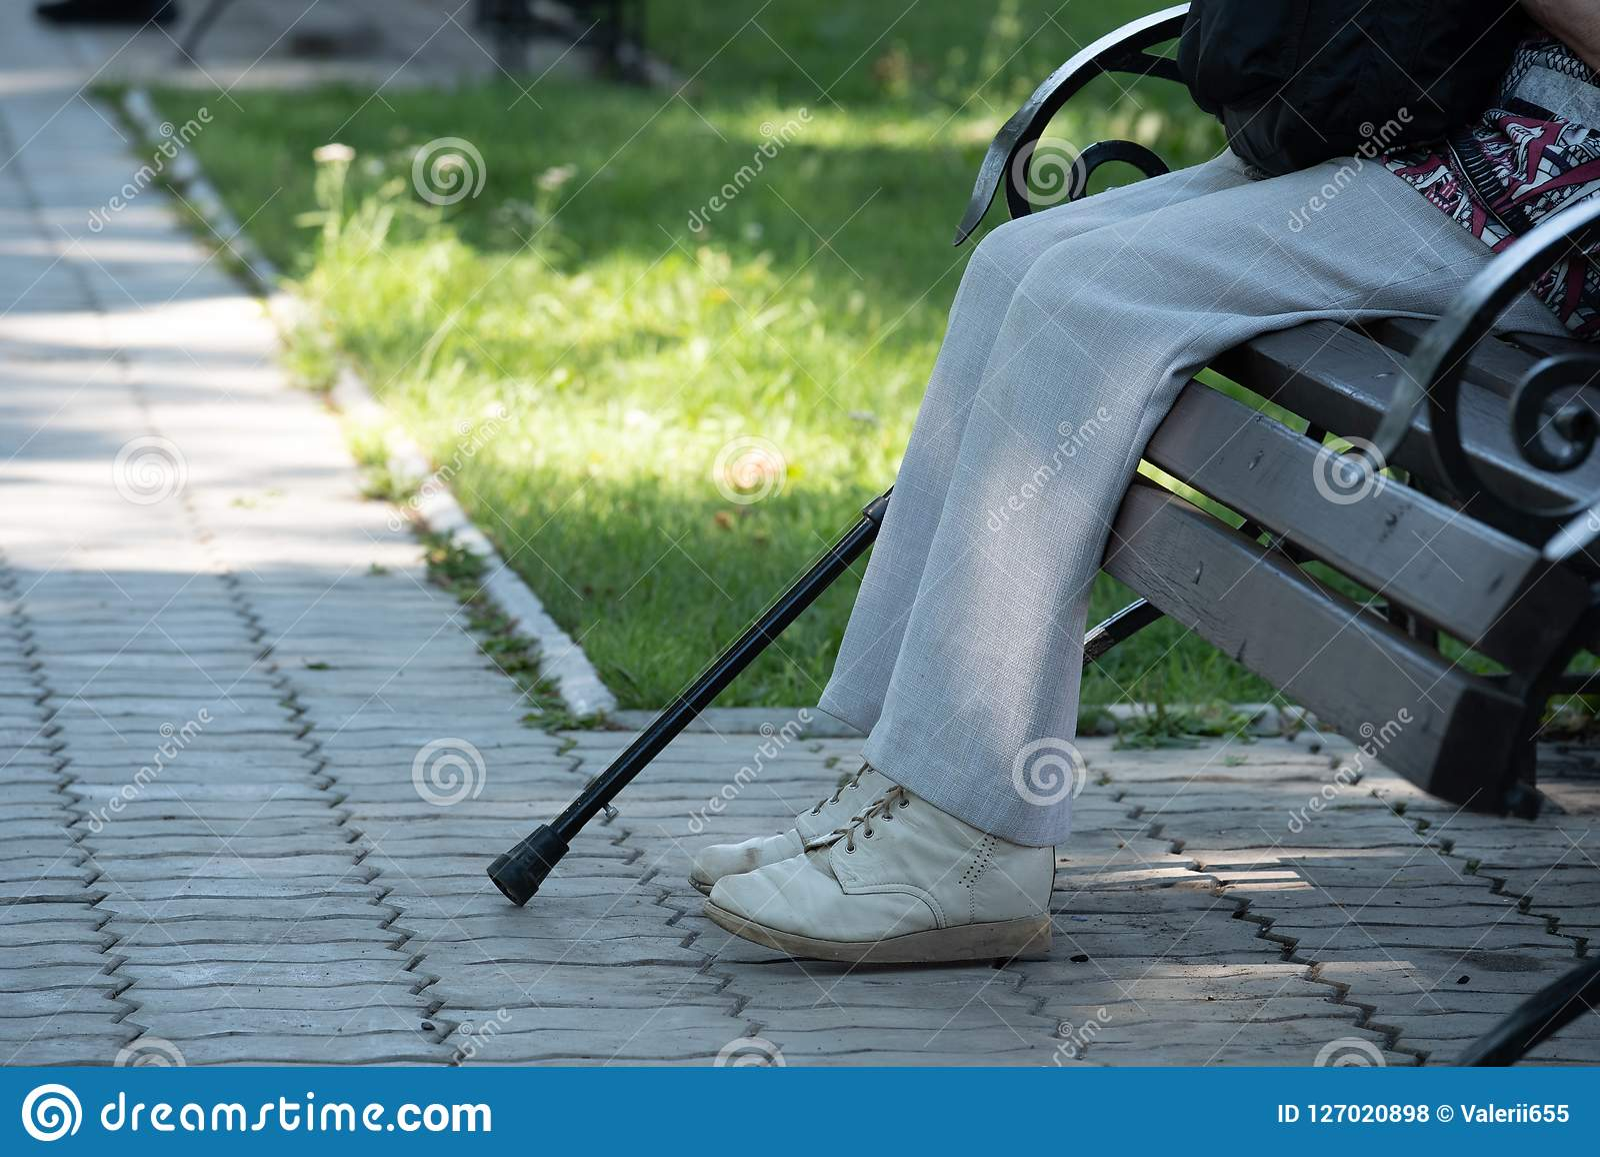 På bilden av en fot, en krycka och en bänk i parkera